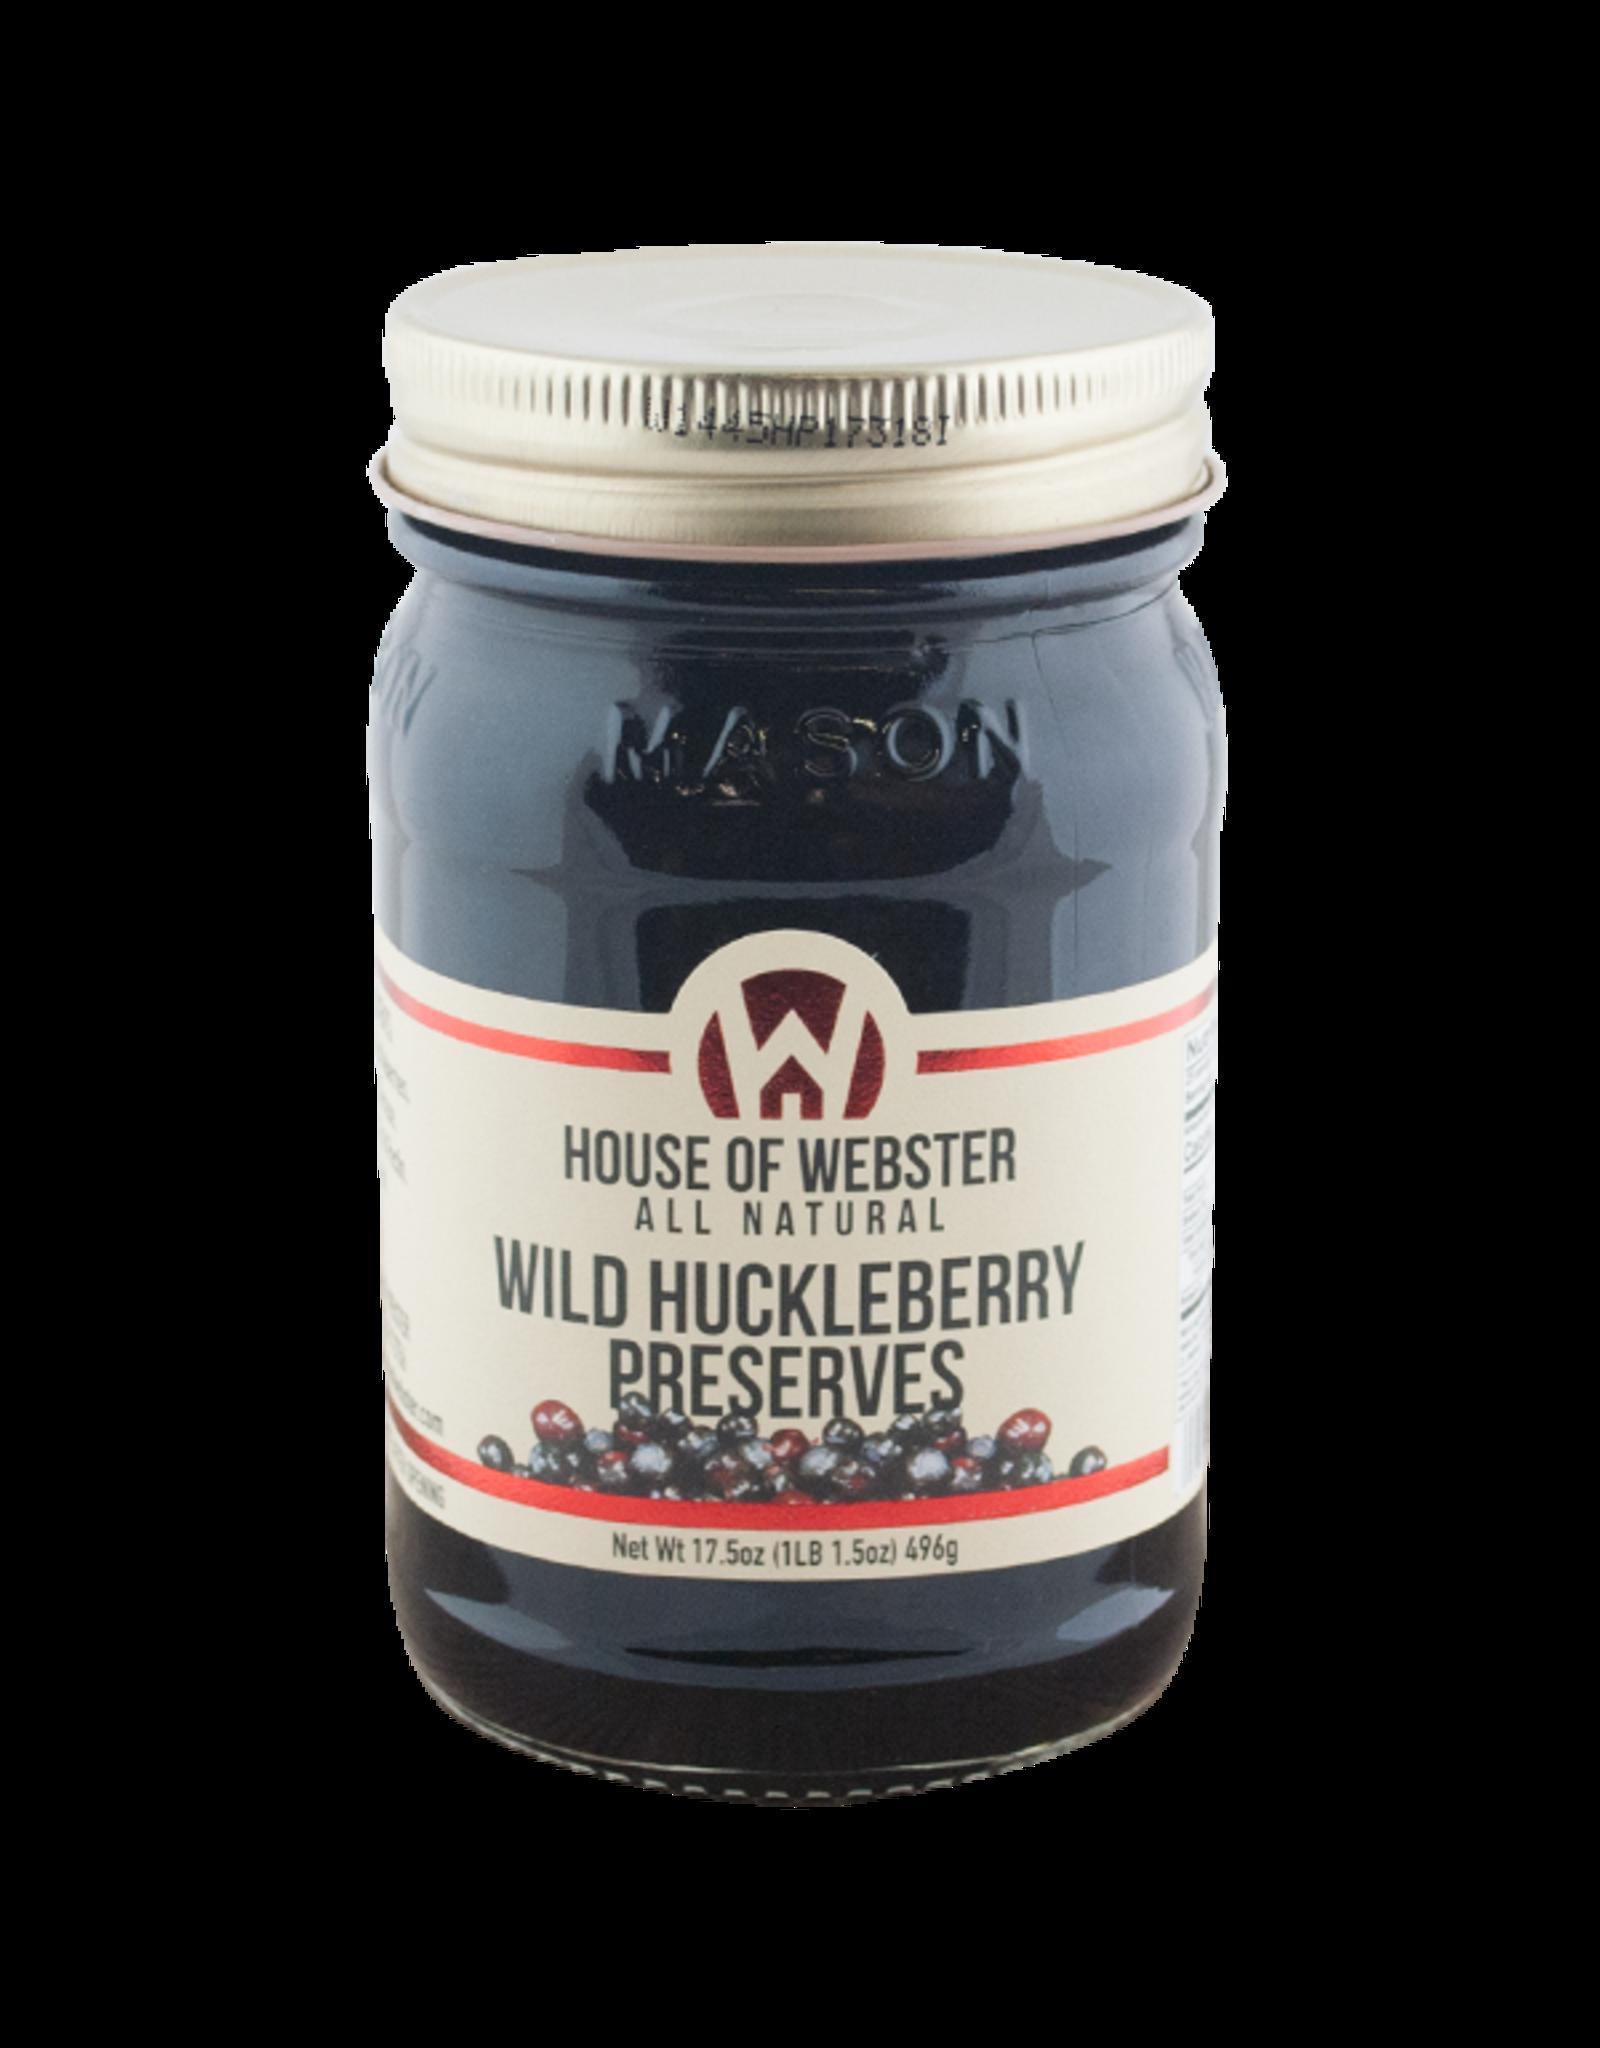 House of Webster Wild Huckleberry Preserves, 17.5 oz.